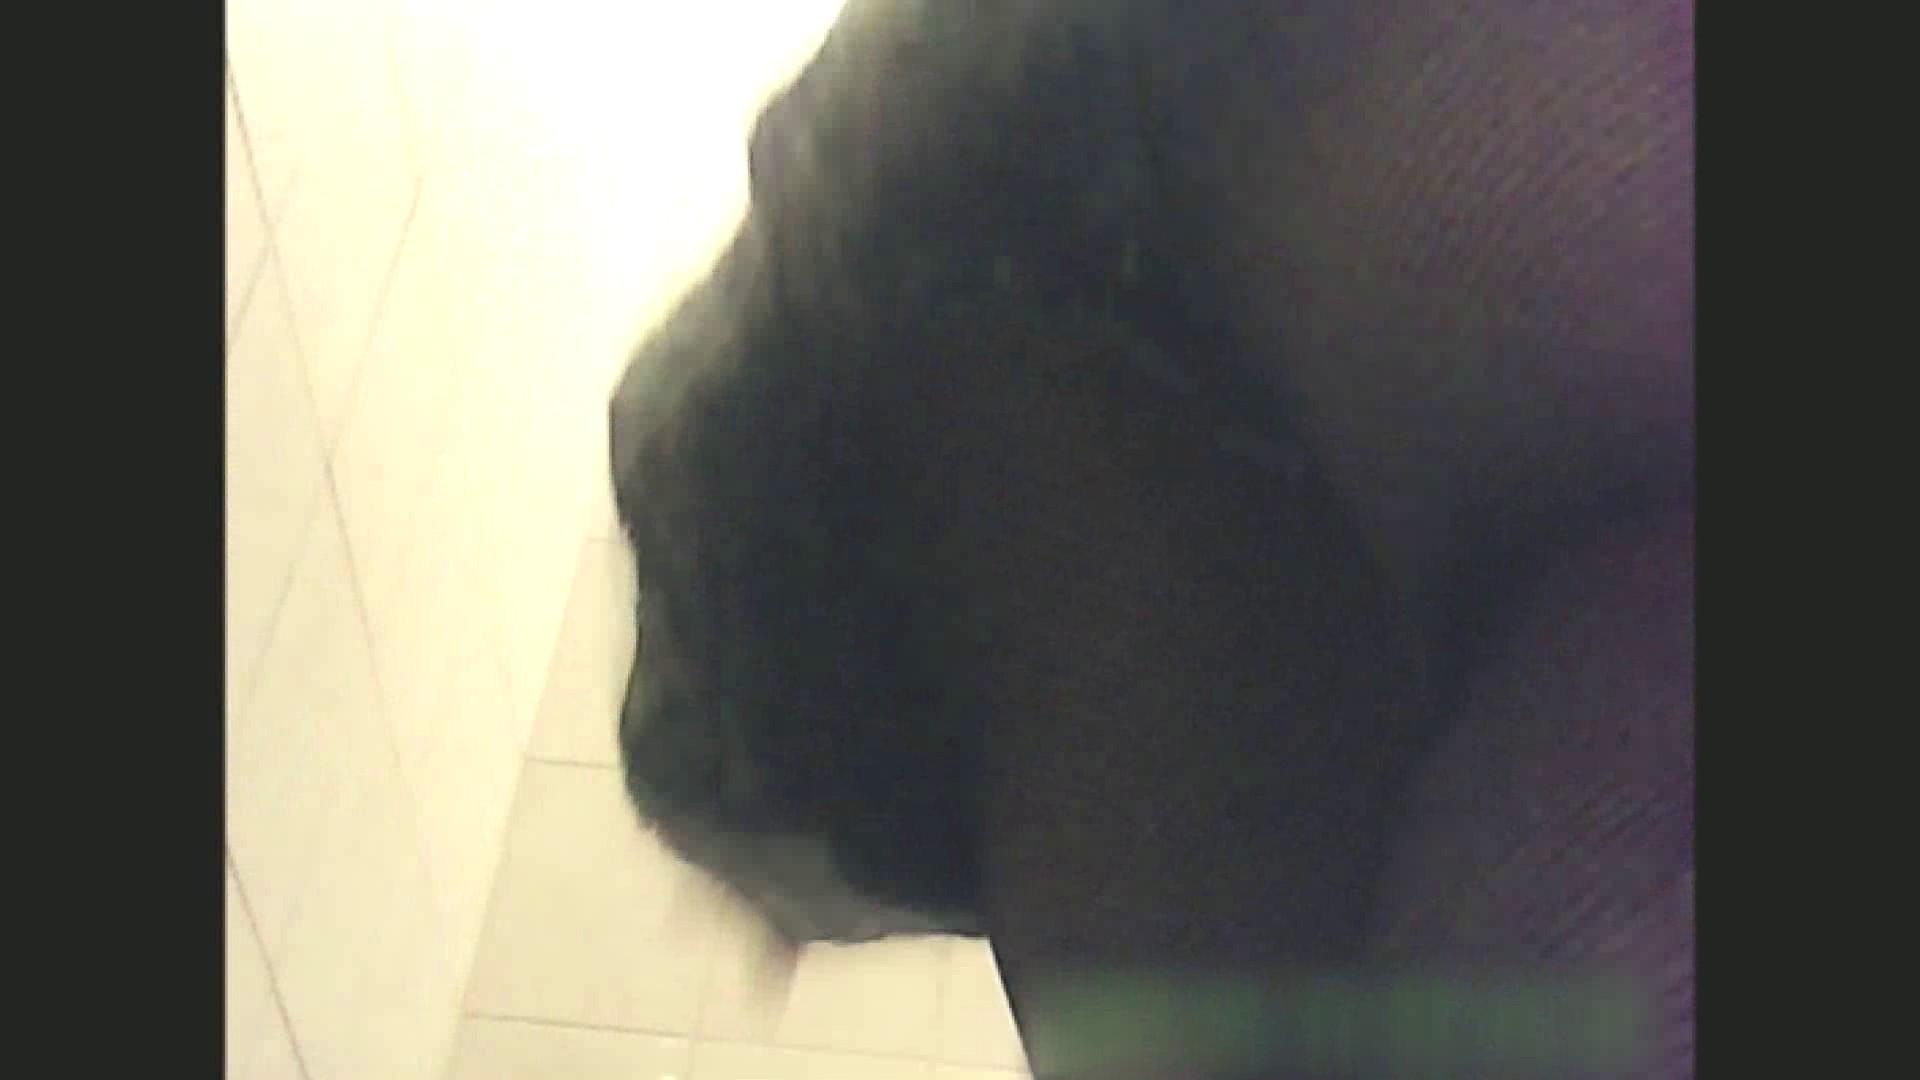 実録!!綺麗なお姉さんのトイレ事情・・・。vol.13 トイレ突入 | お姉さん丸裸  105pic 5